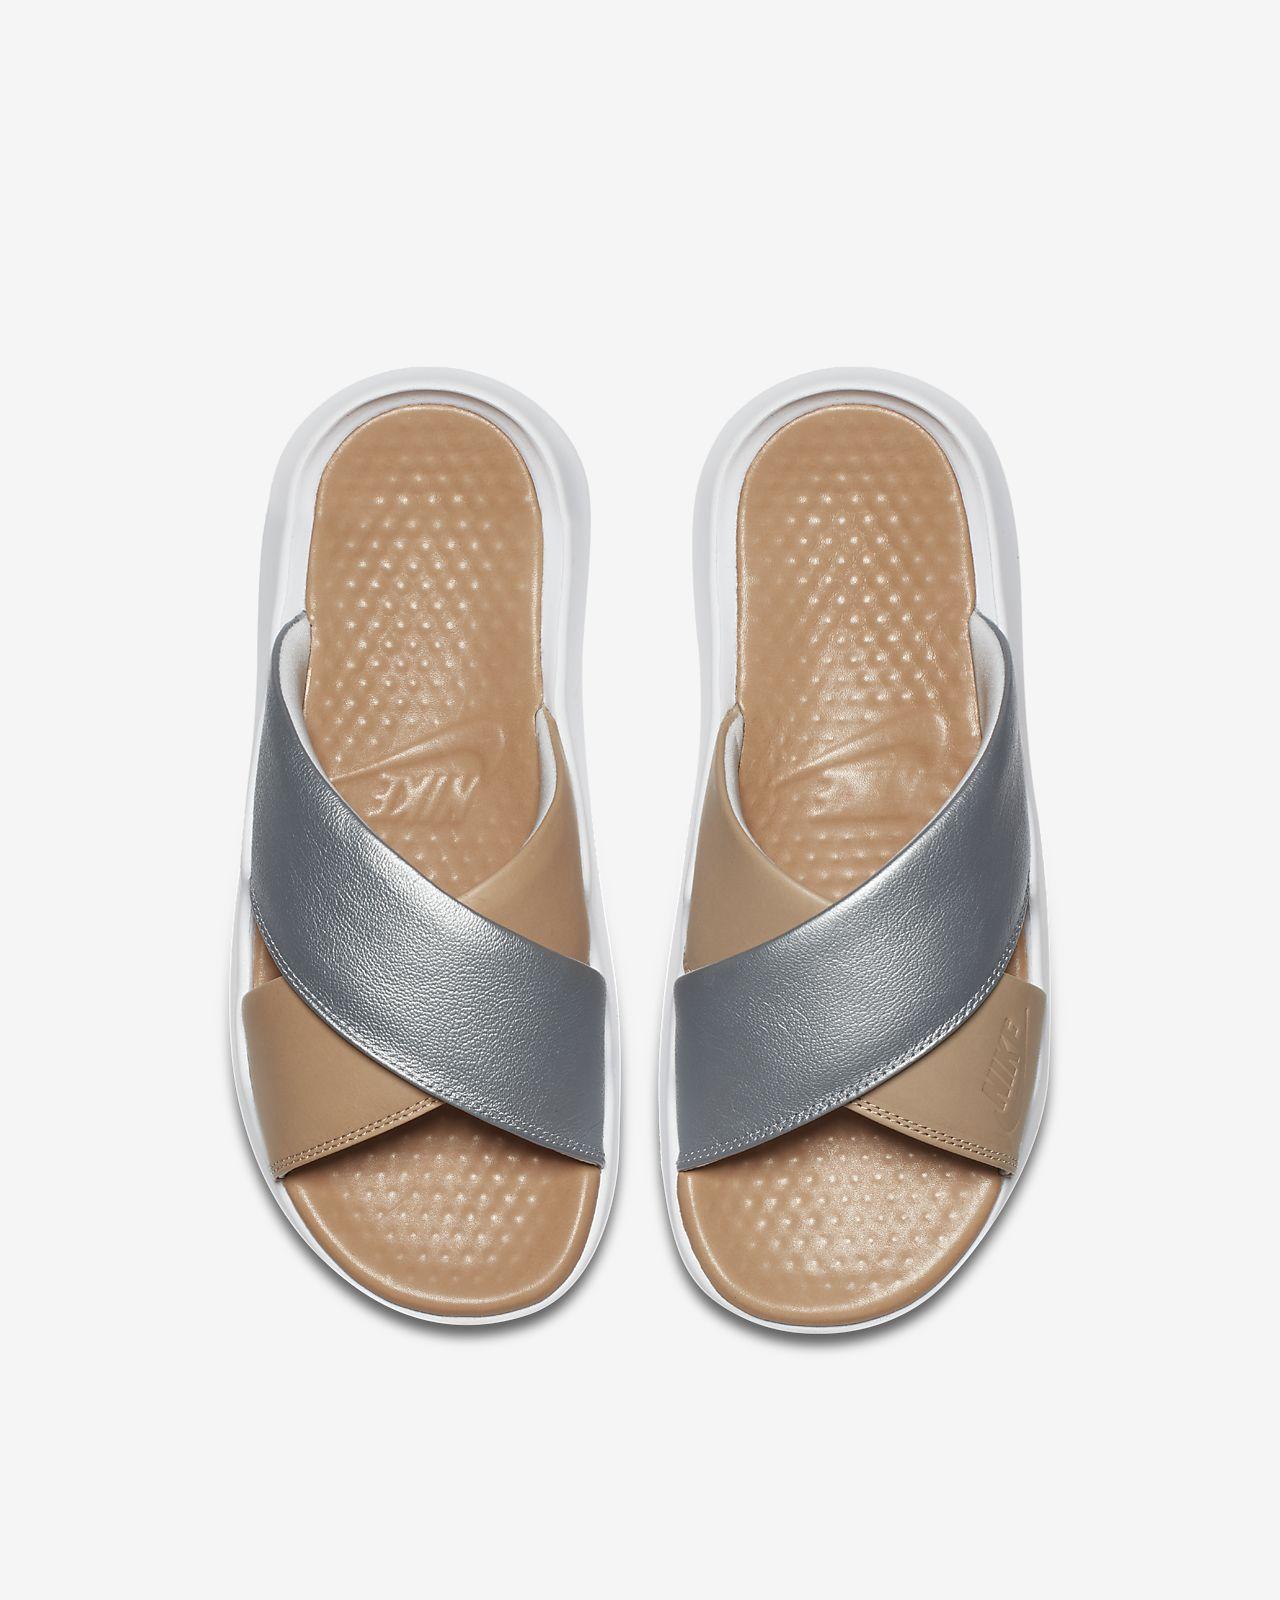 online retailer dc5a5 60ced ... Claquette Nike Benassi Future Cross SE Premium pour Femme